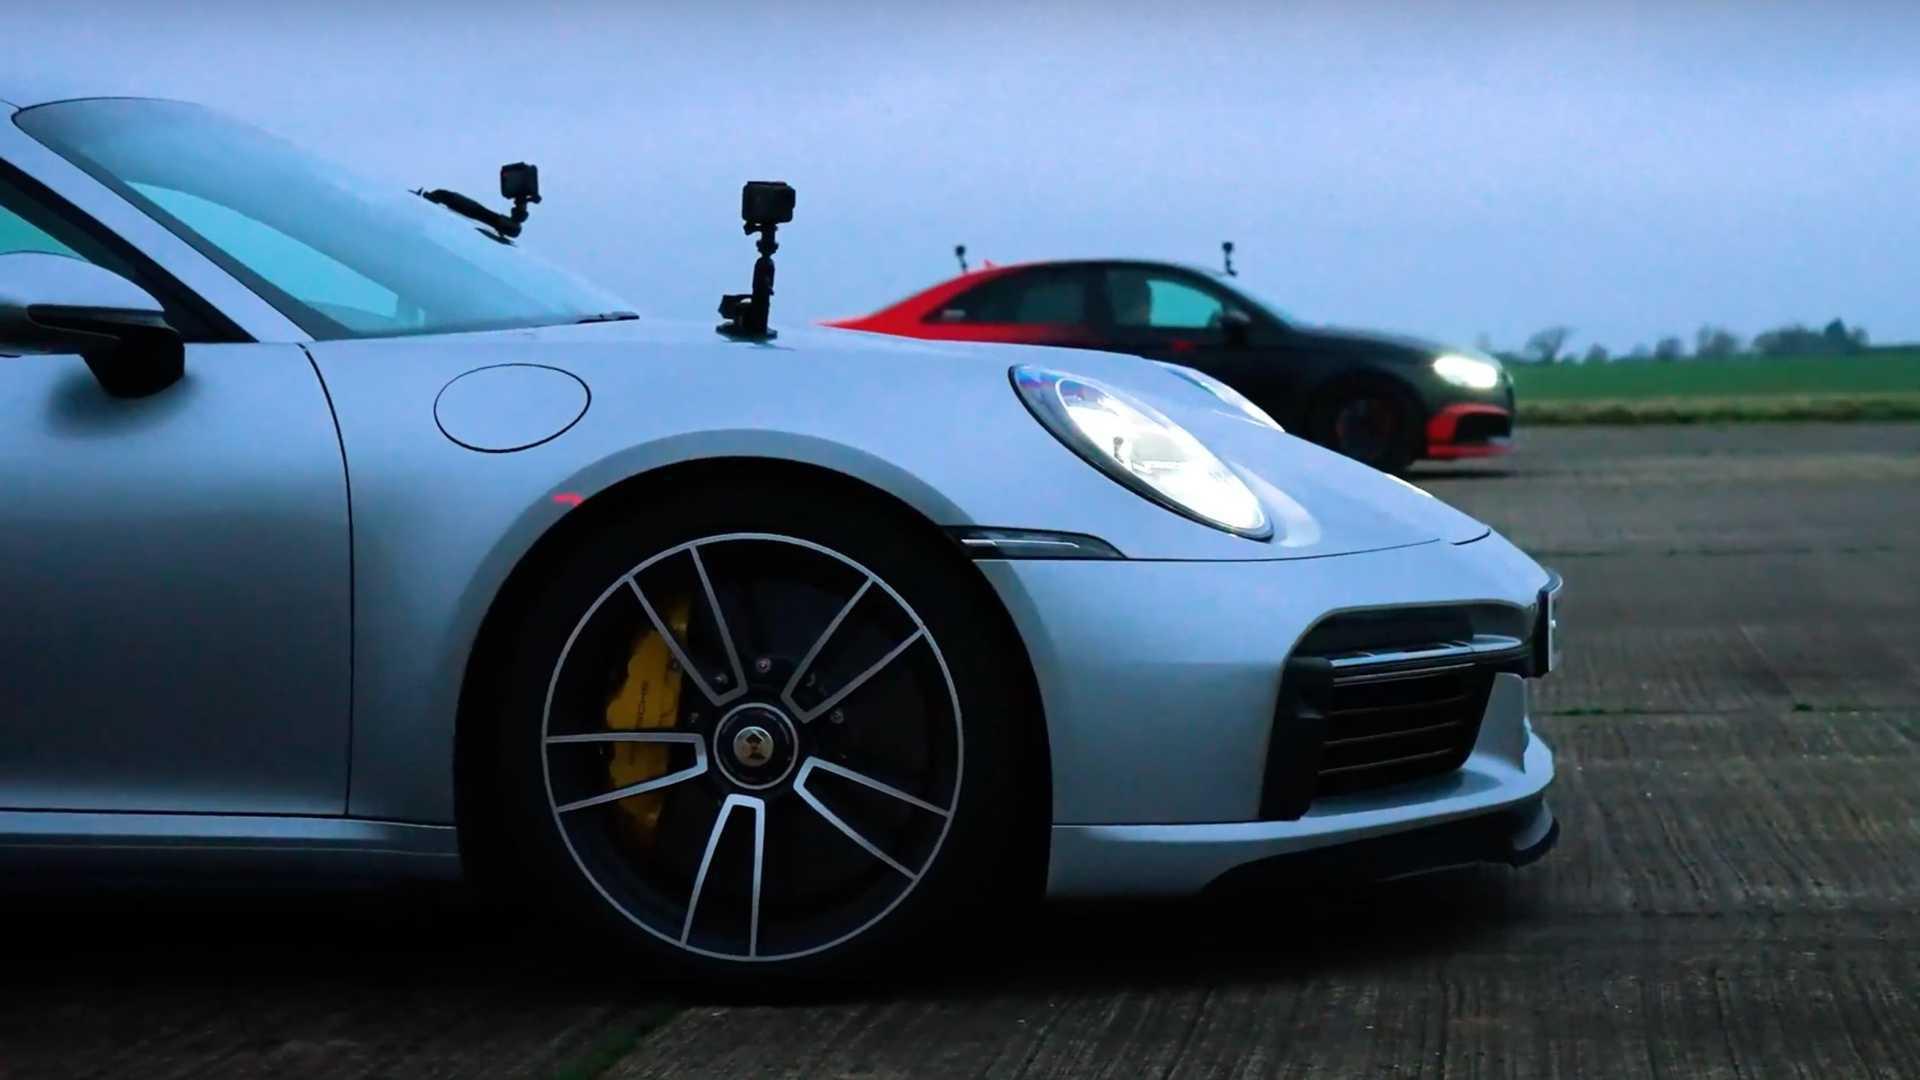 BMW M5 vs Audi RS3 vs Porsche 911 Turbo S fights in 2,450 HP Drag Race